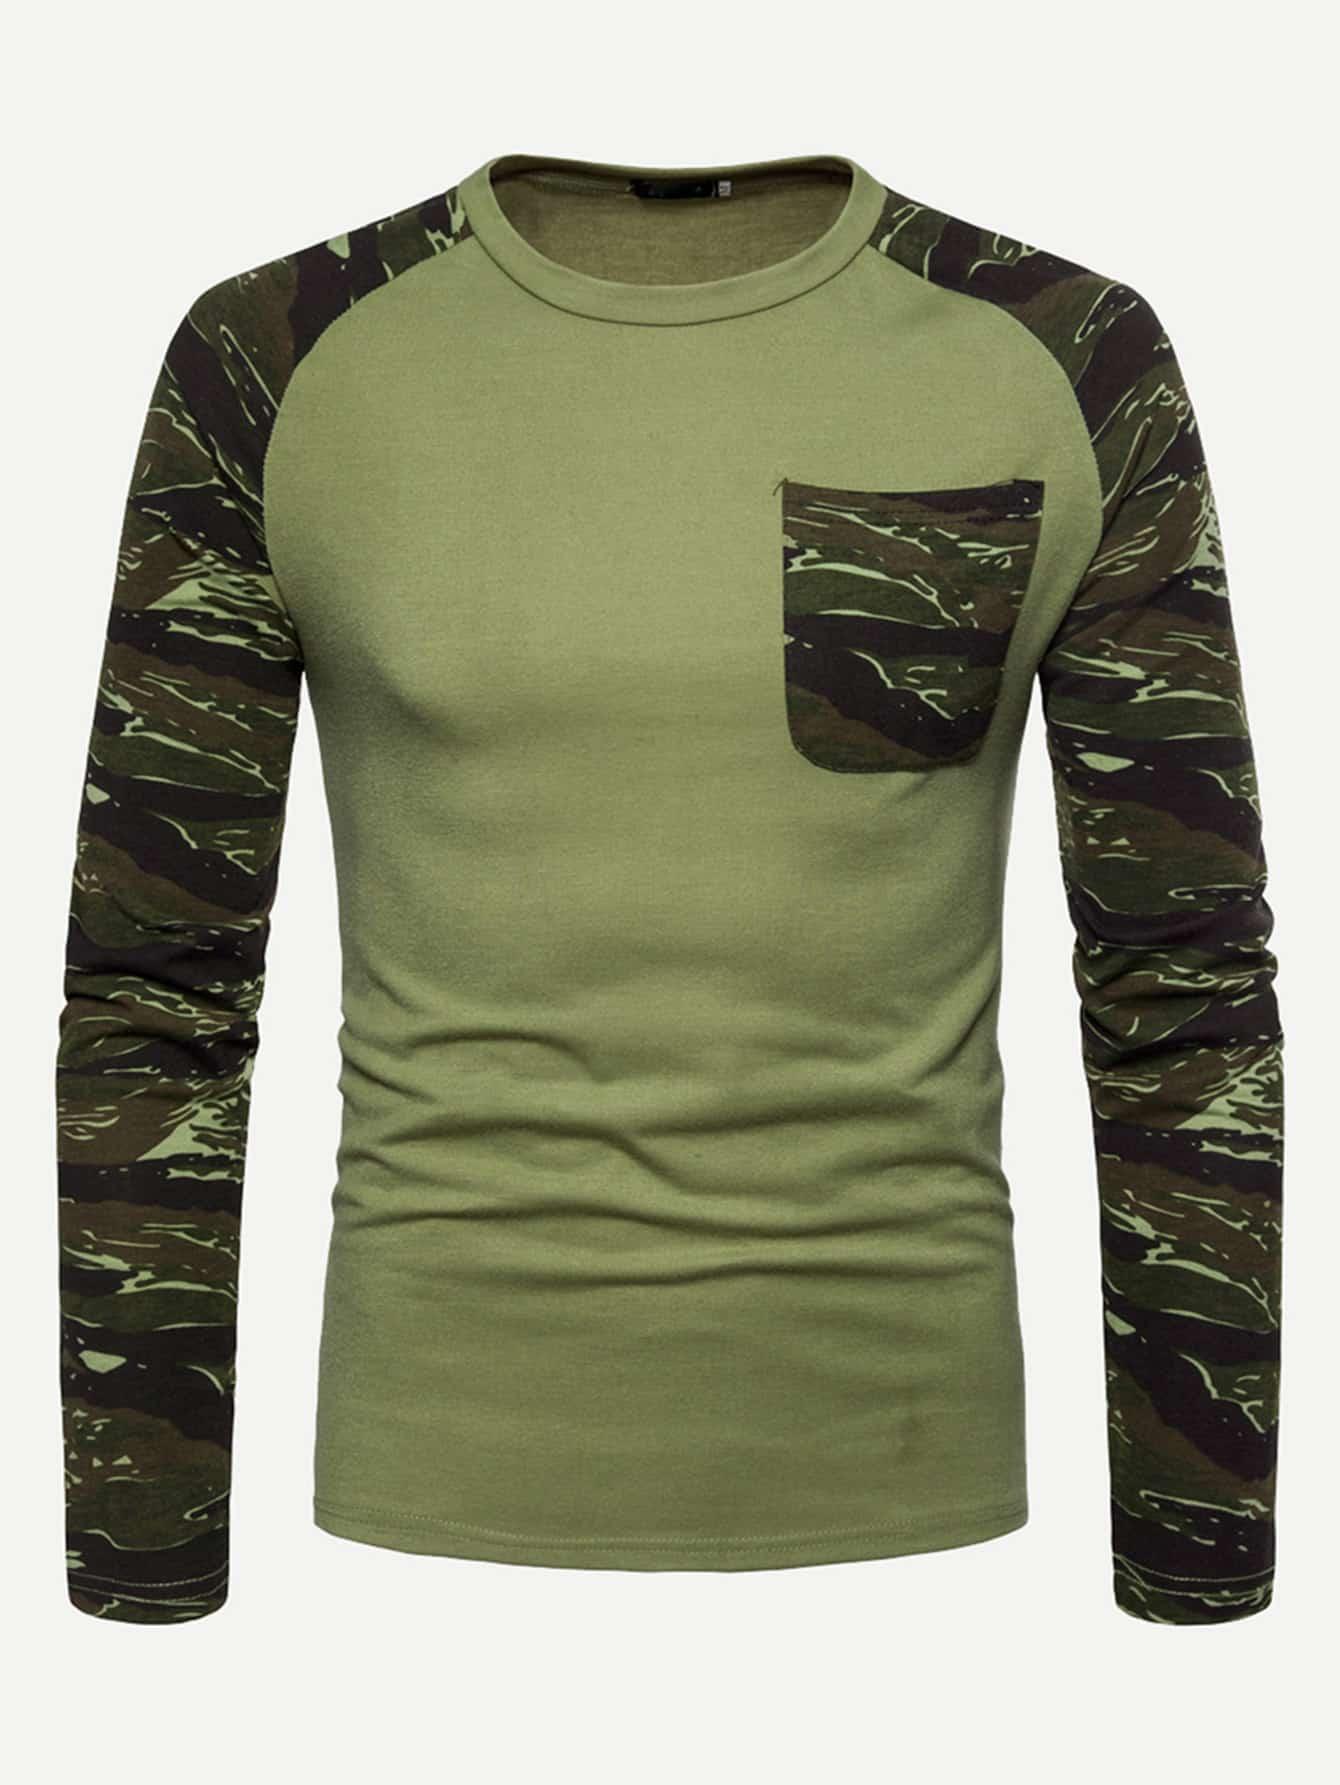 Купить Камуфляж Карман Зелёный Мужские футболки, null, SheIn